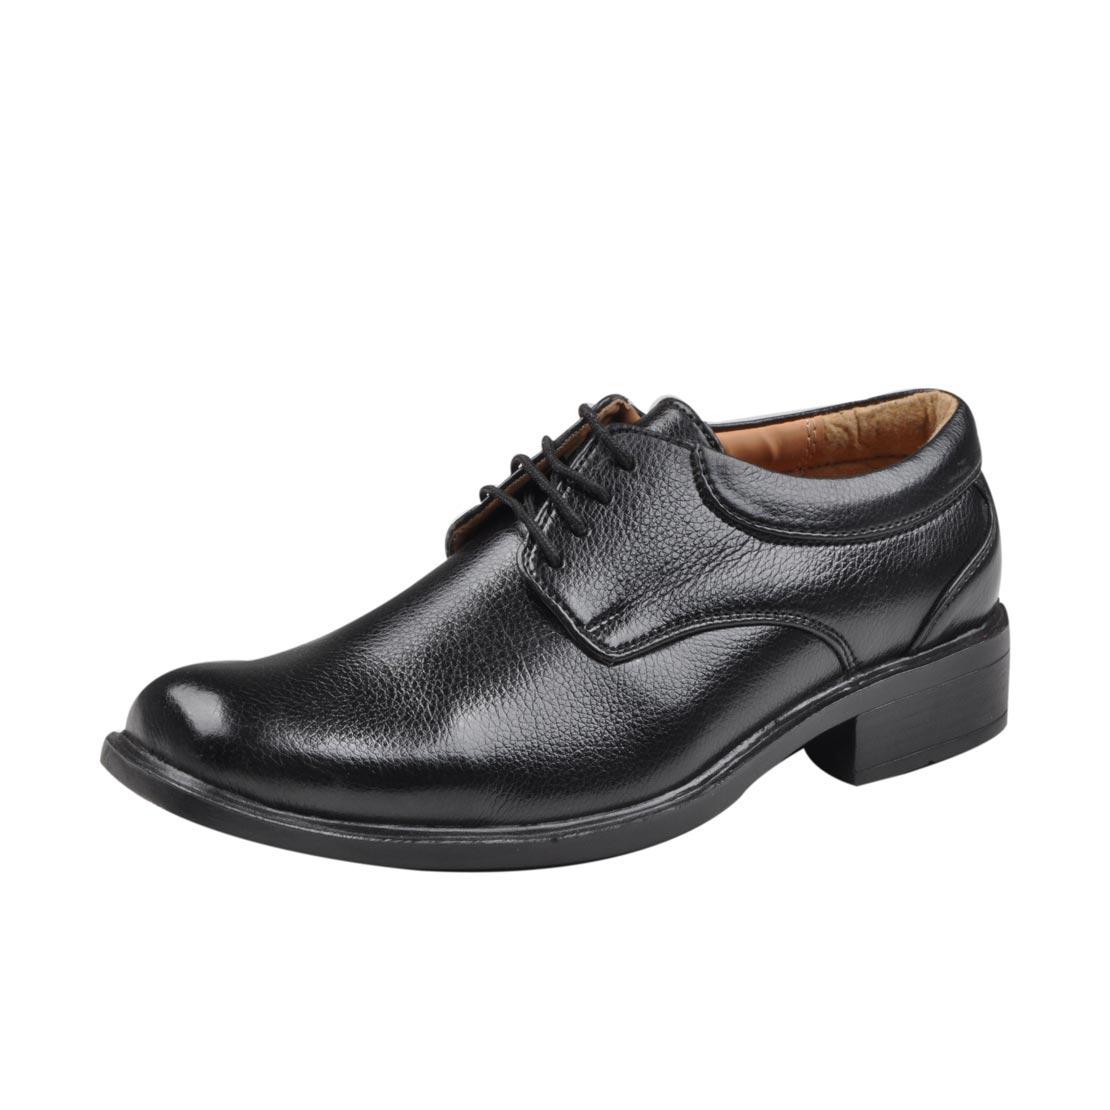 Bata Shoes London Uk